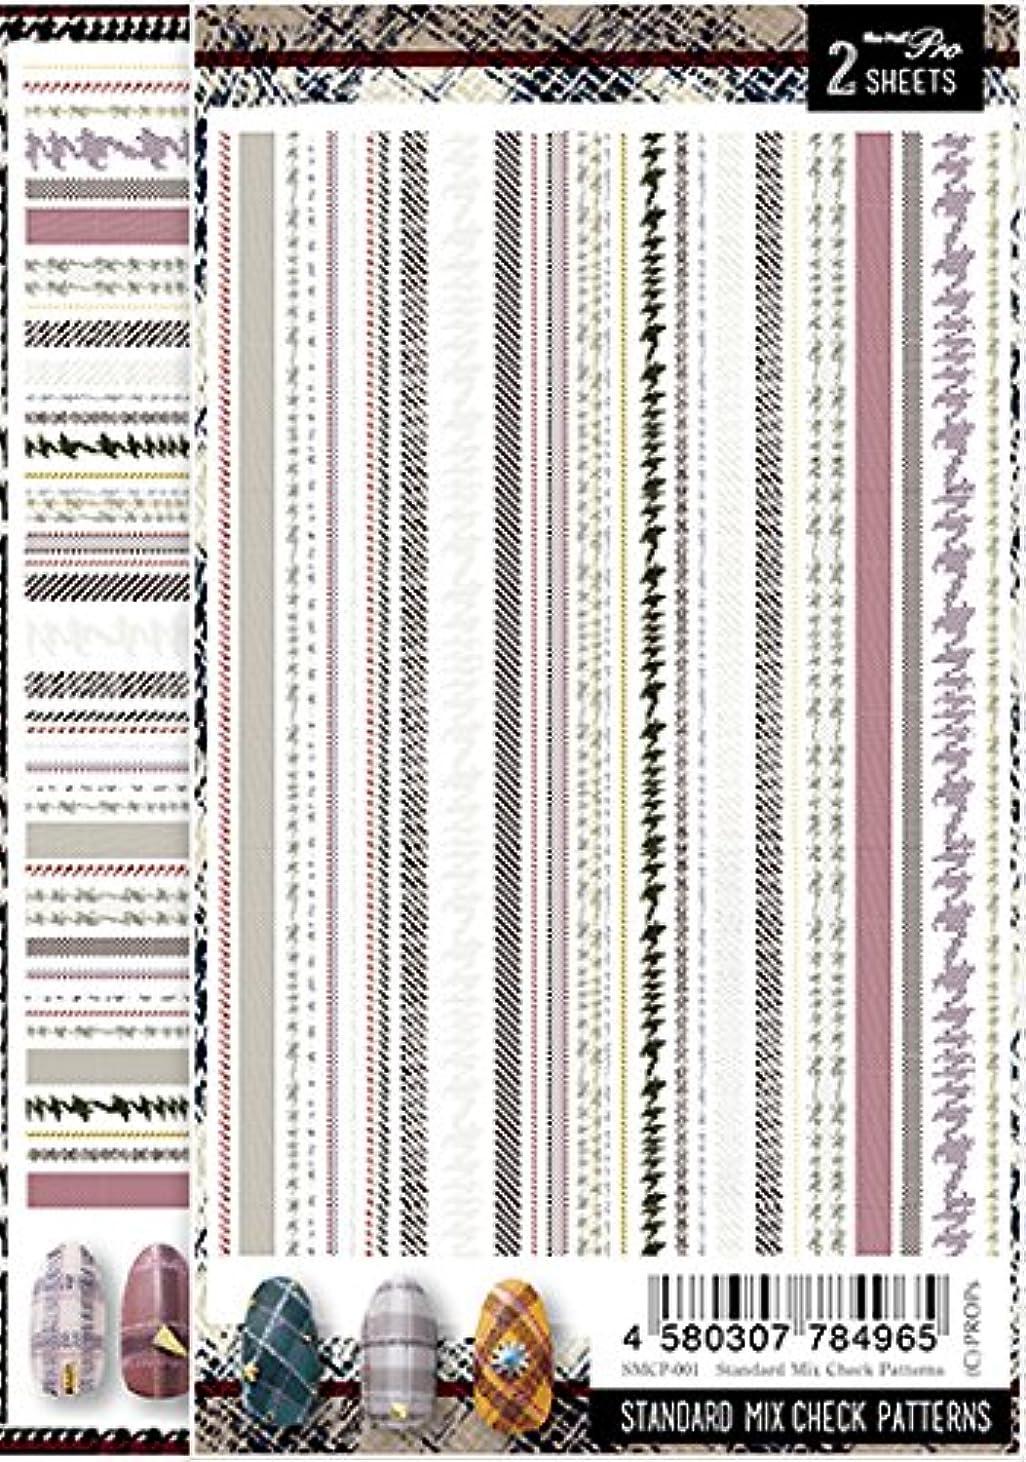 拍車乳農業のSha-Nail Pro ネイルシール スタンダードミックスチェックパターンズ SMCP-001 アート材